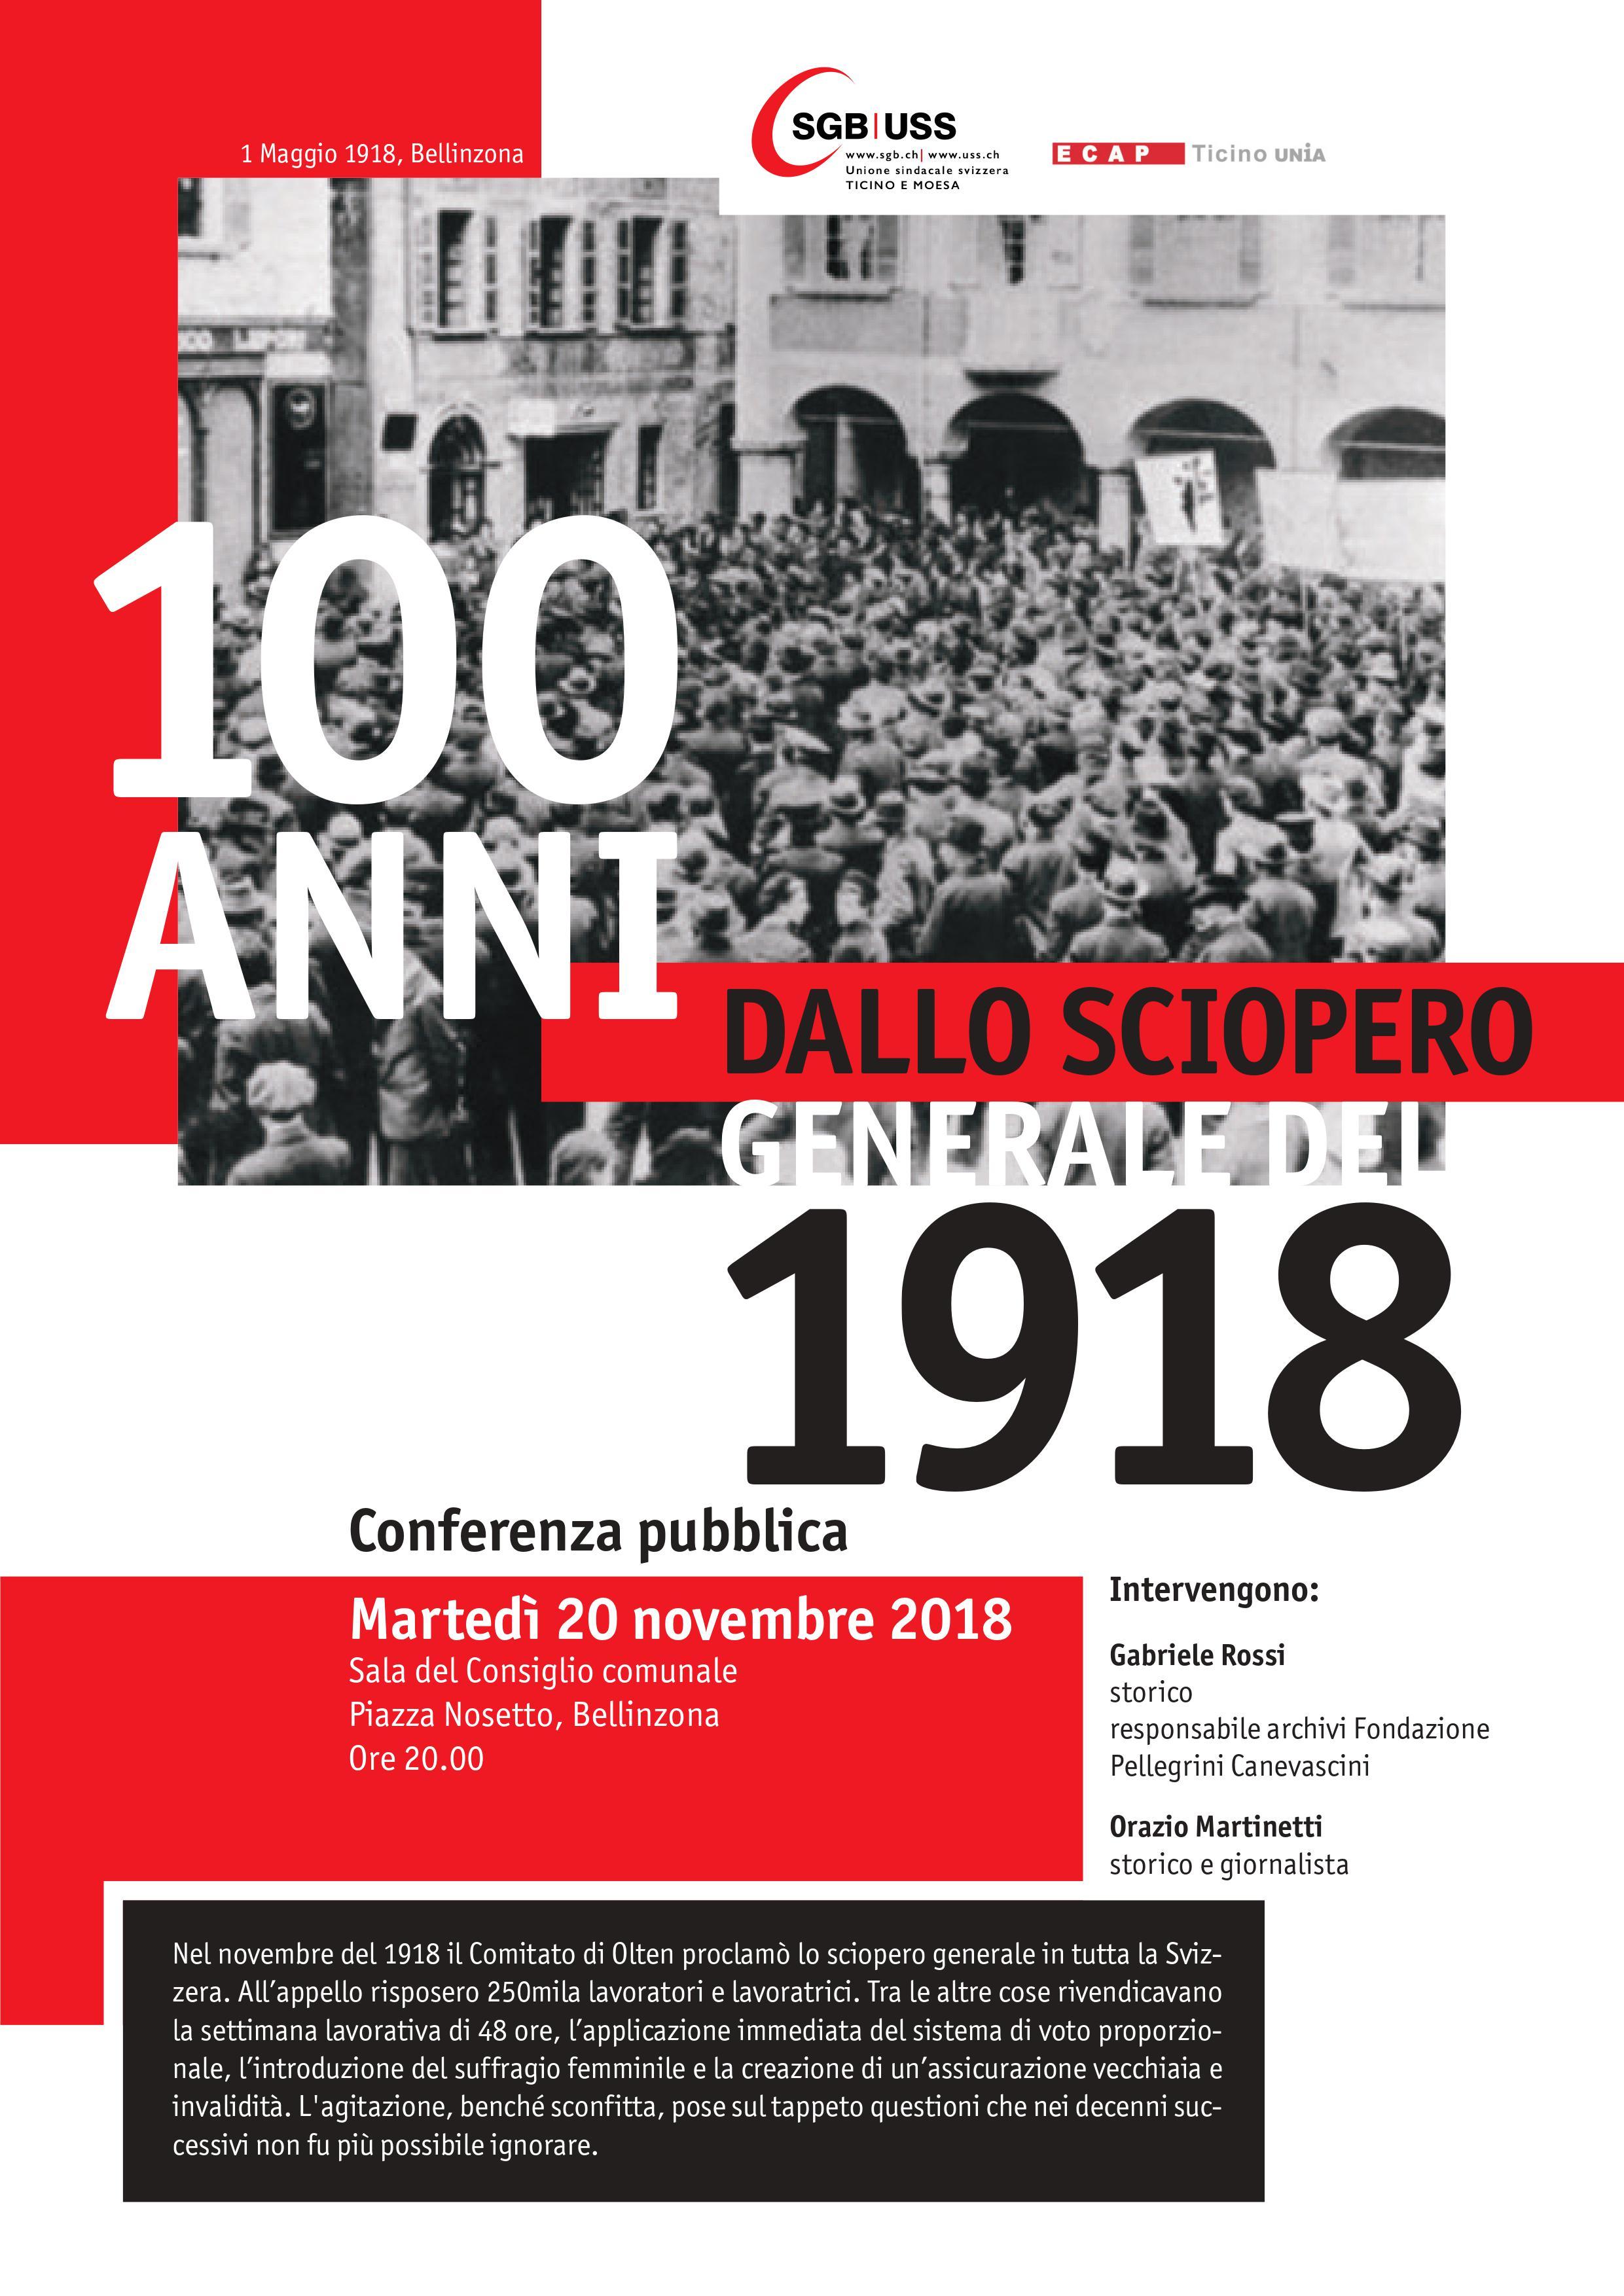 100 anni dallo sciopero generale del 1918 @ Sala del Consiglio Comunale